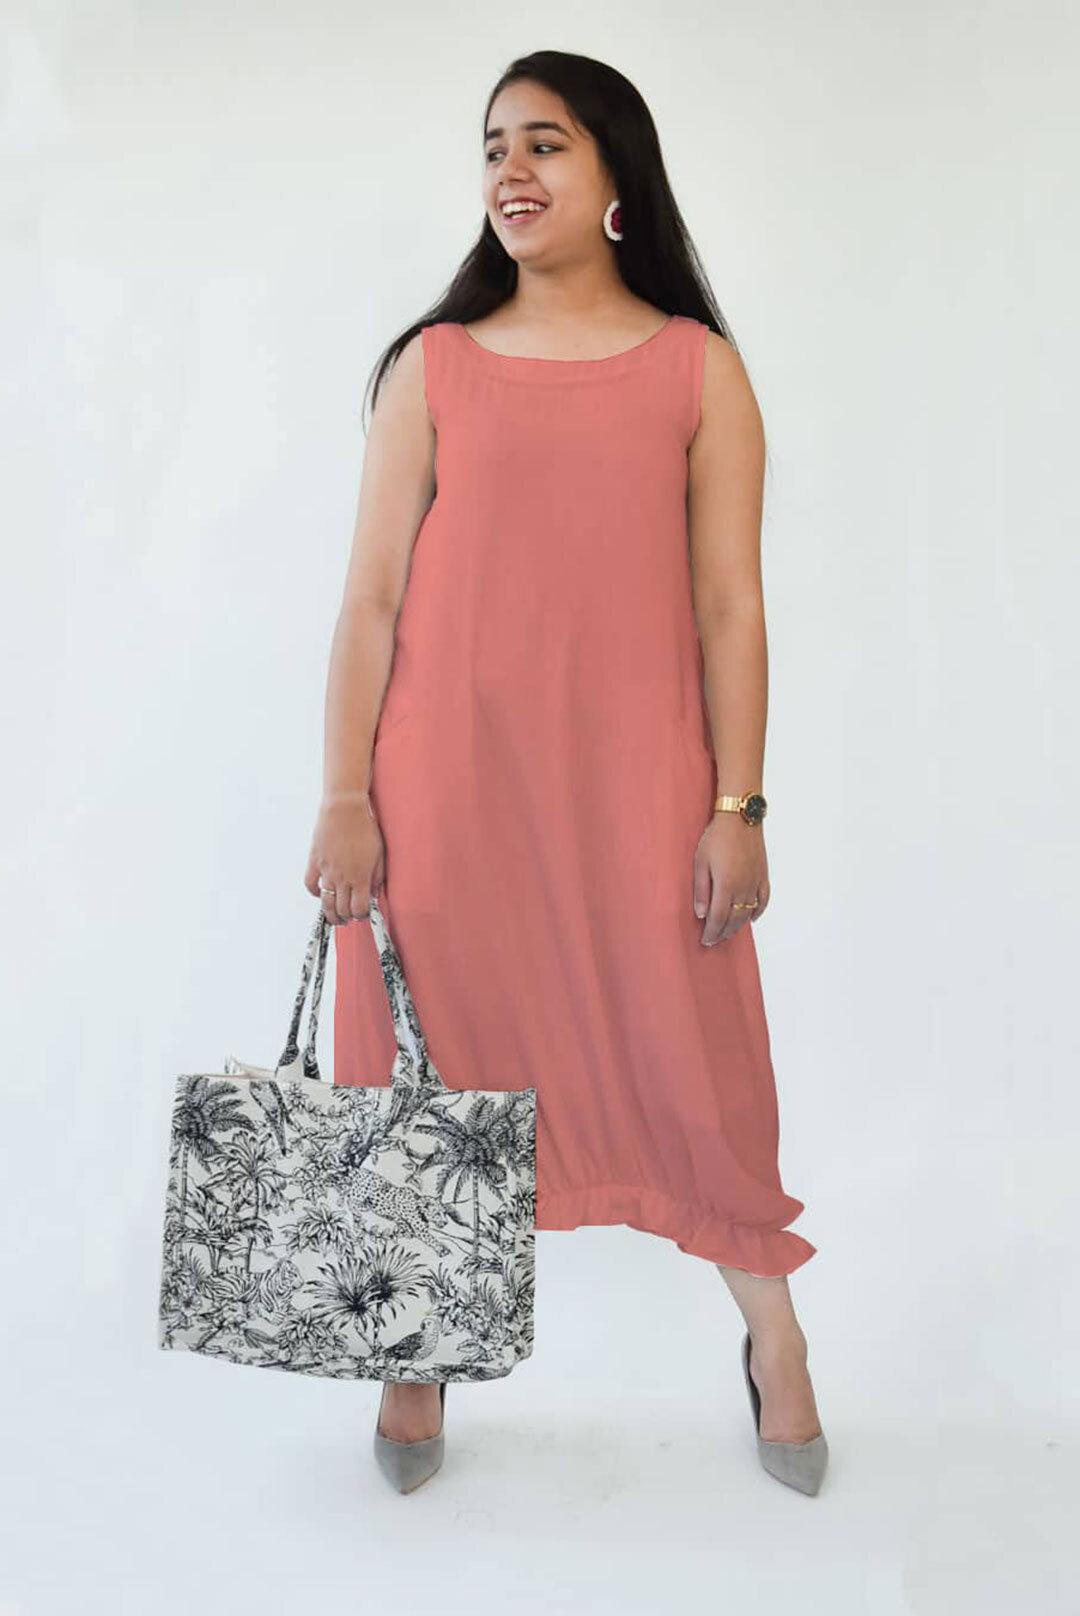 Dress – Ruffled hem